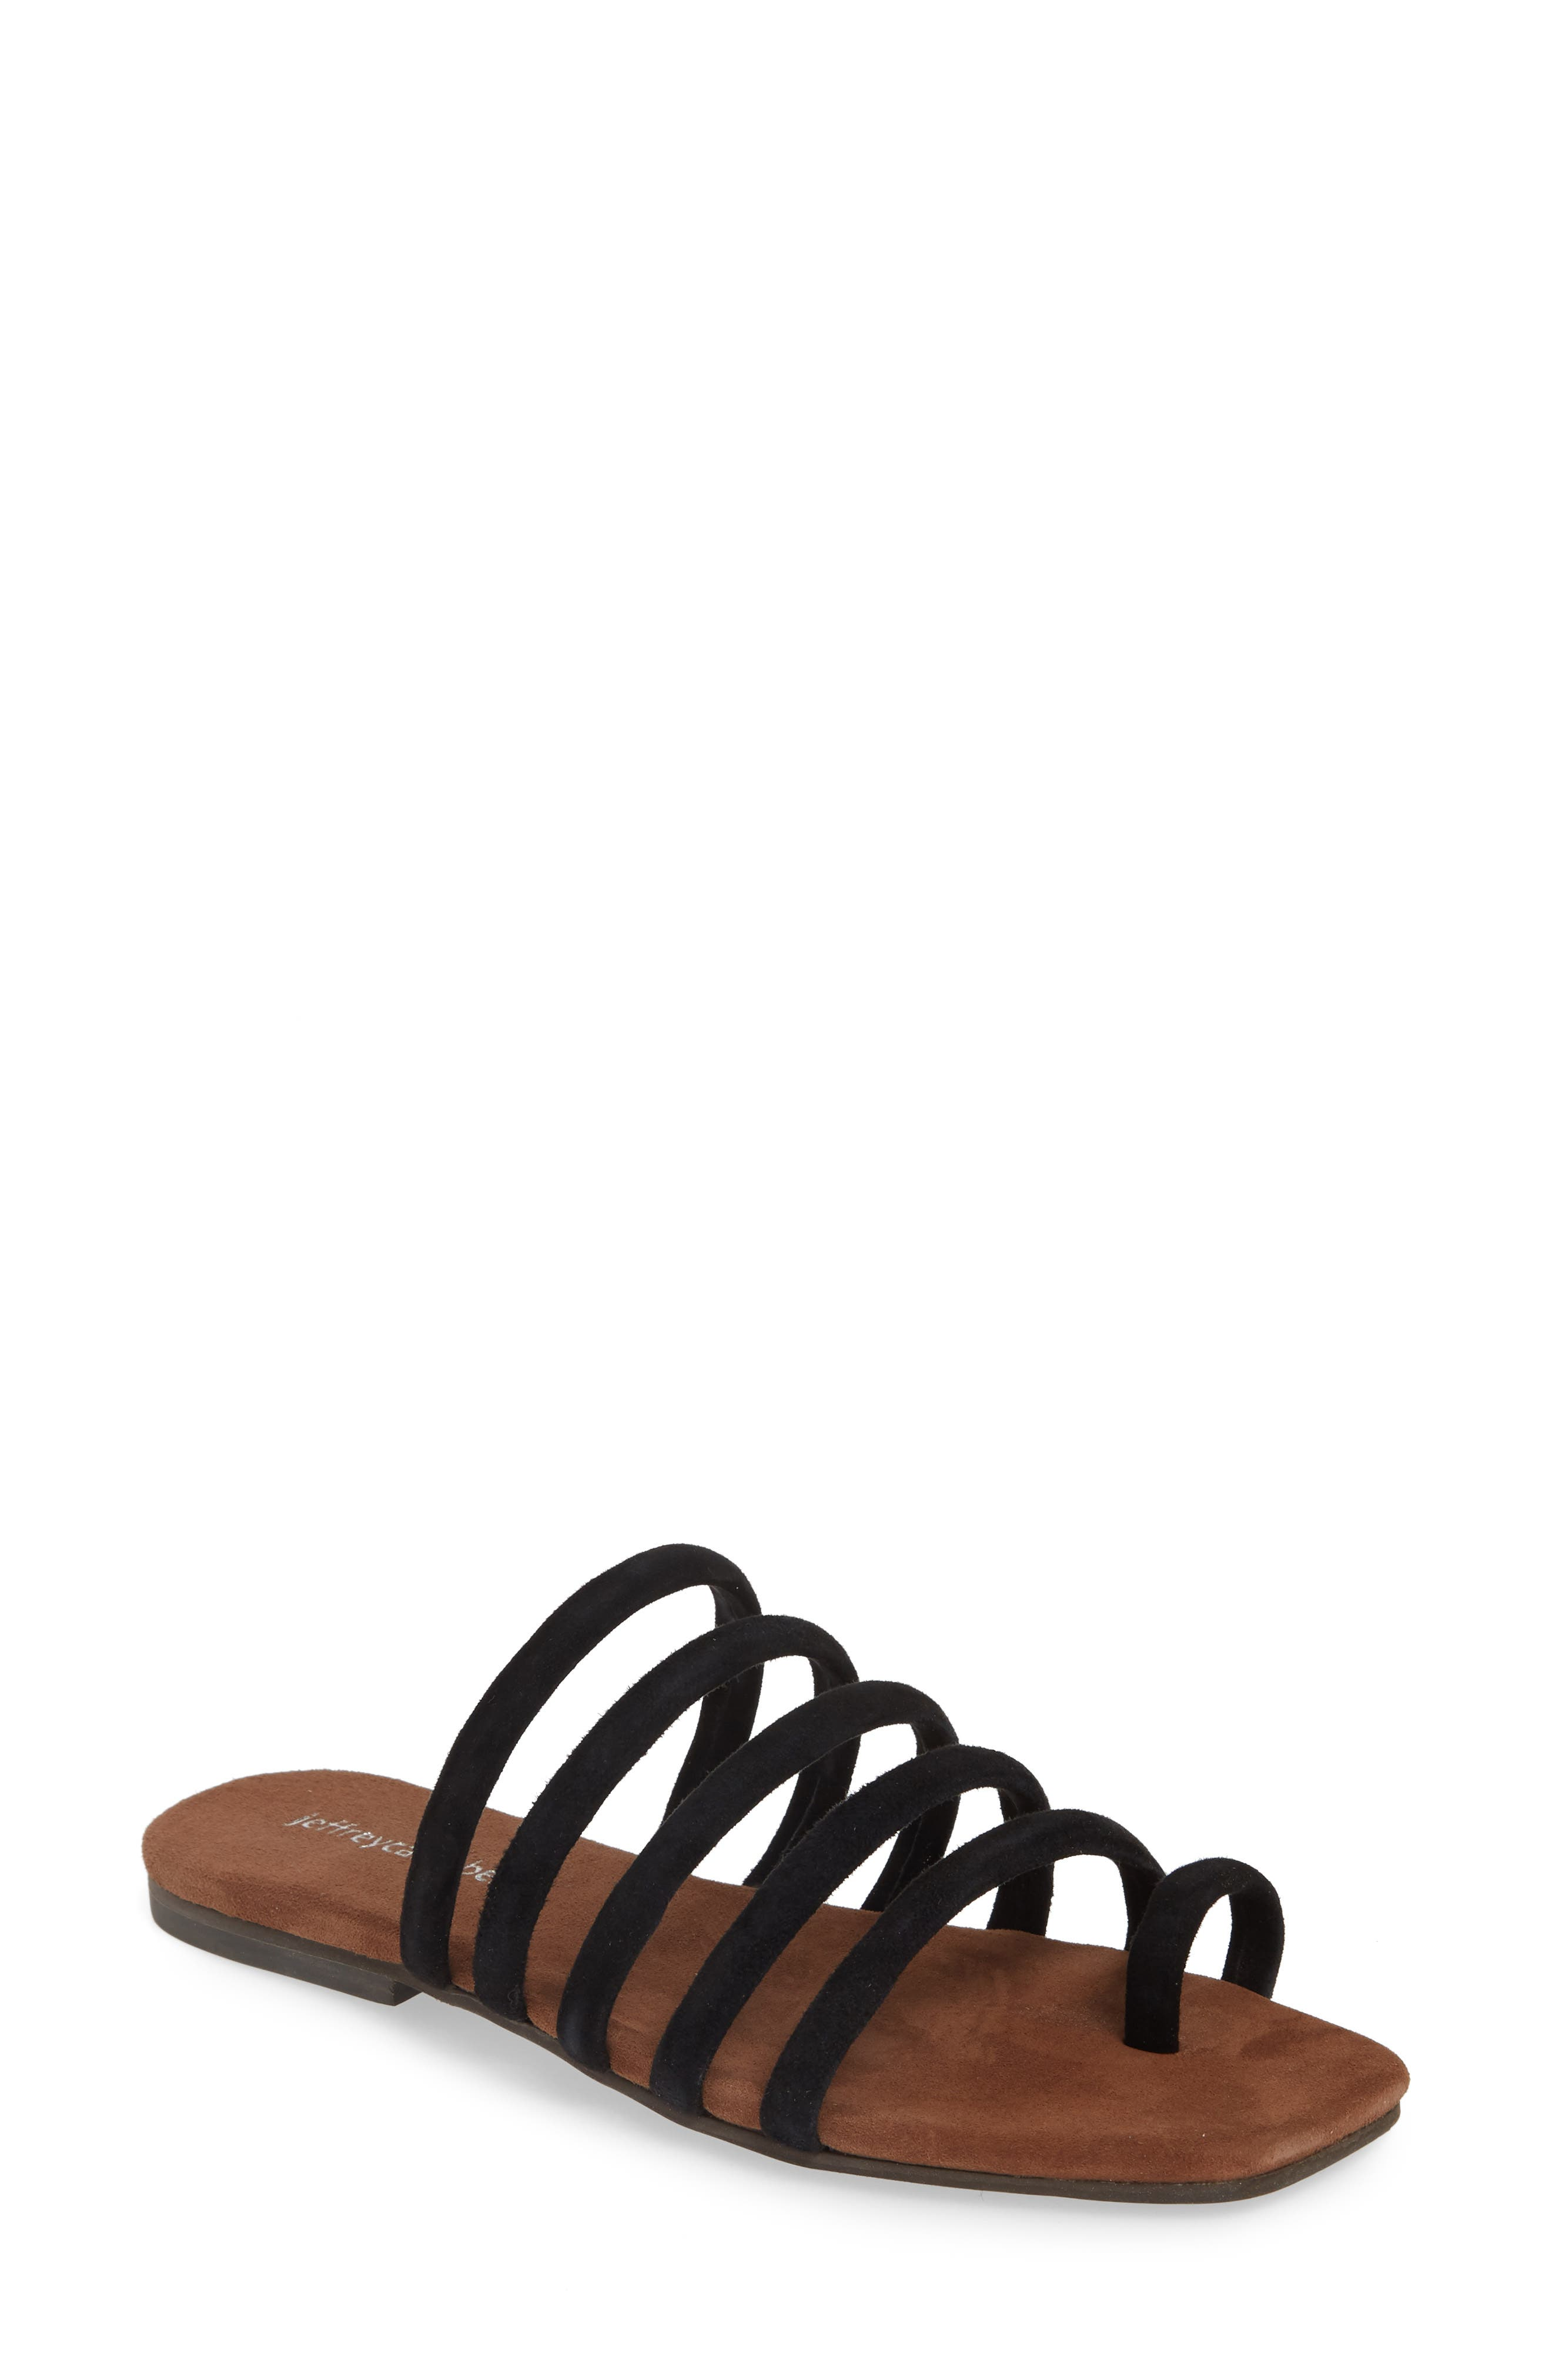 90509acd0756 Jeffrey Campbell Coniper Slide Sandal